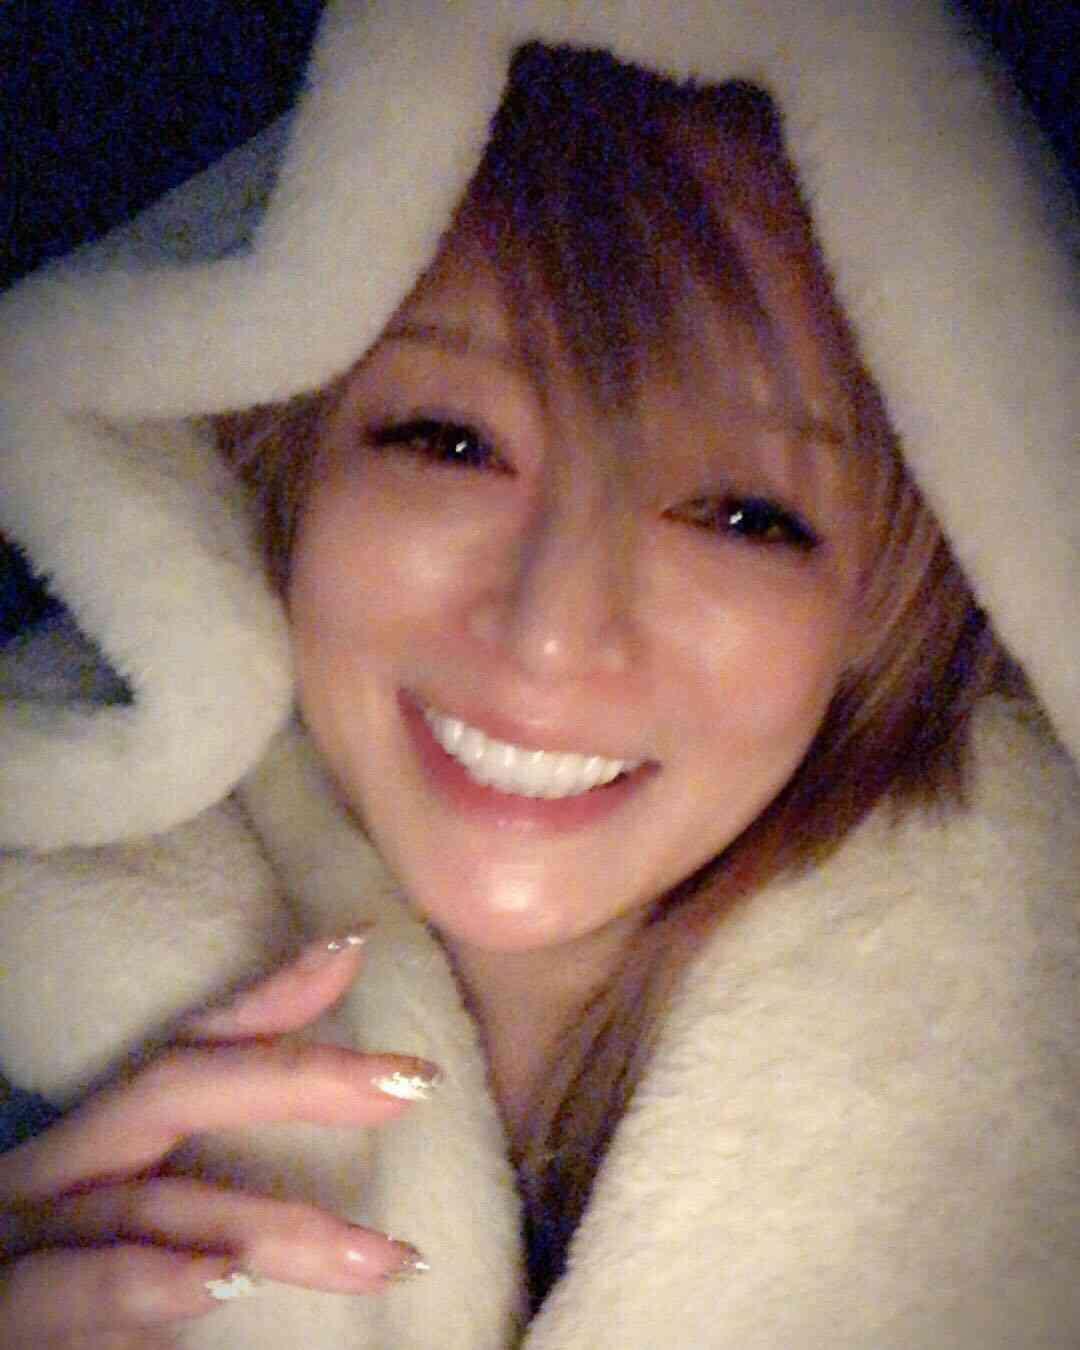 浜崎あゆみ、ふわふわフードすっぽりのナチュラルメイク写真公開に「溢れる笑顔たまらん」「歯が綺麗」